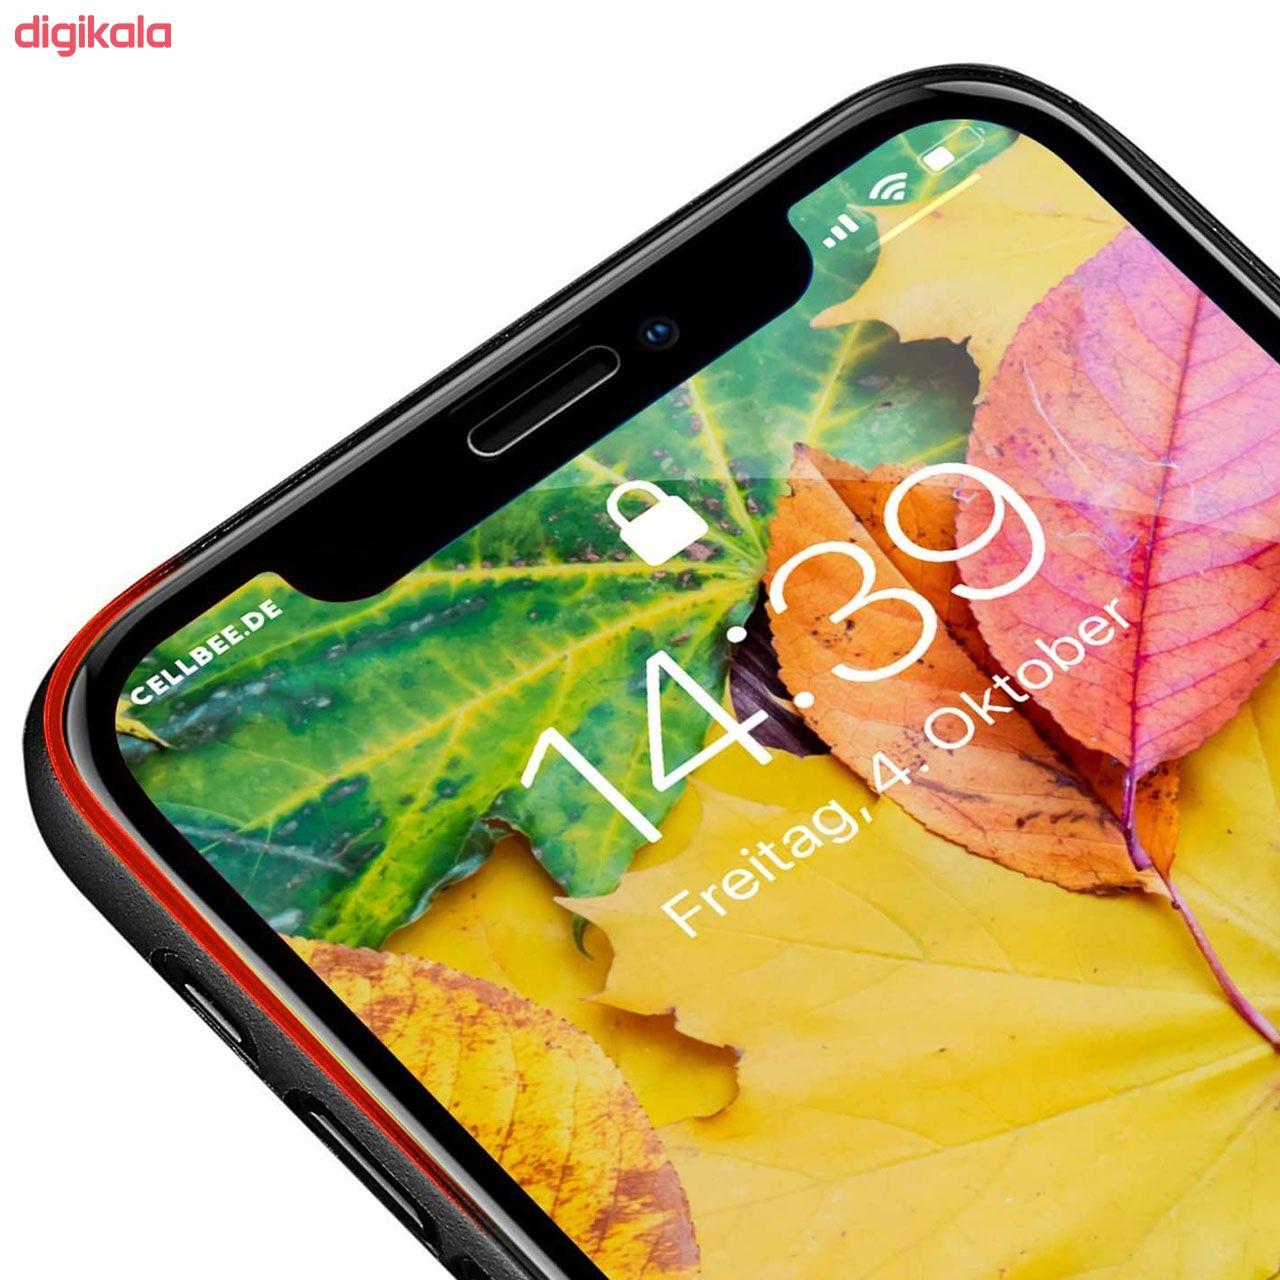 محافظ صفحه نمایش مدل FCG مناسب برای گوشی موبایل اپل iPhone 12 Pro Max بسته دو عددی main 1 4